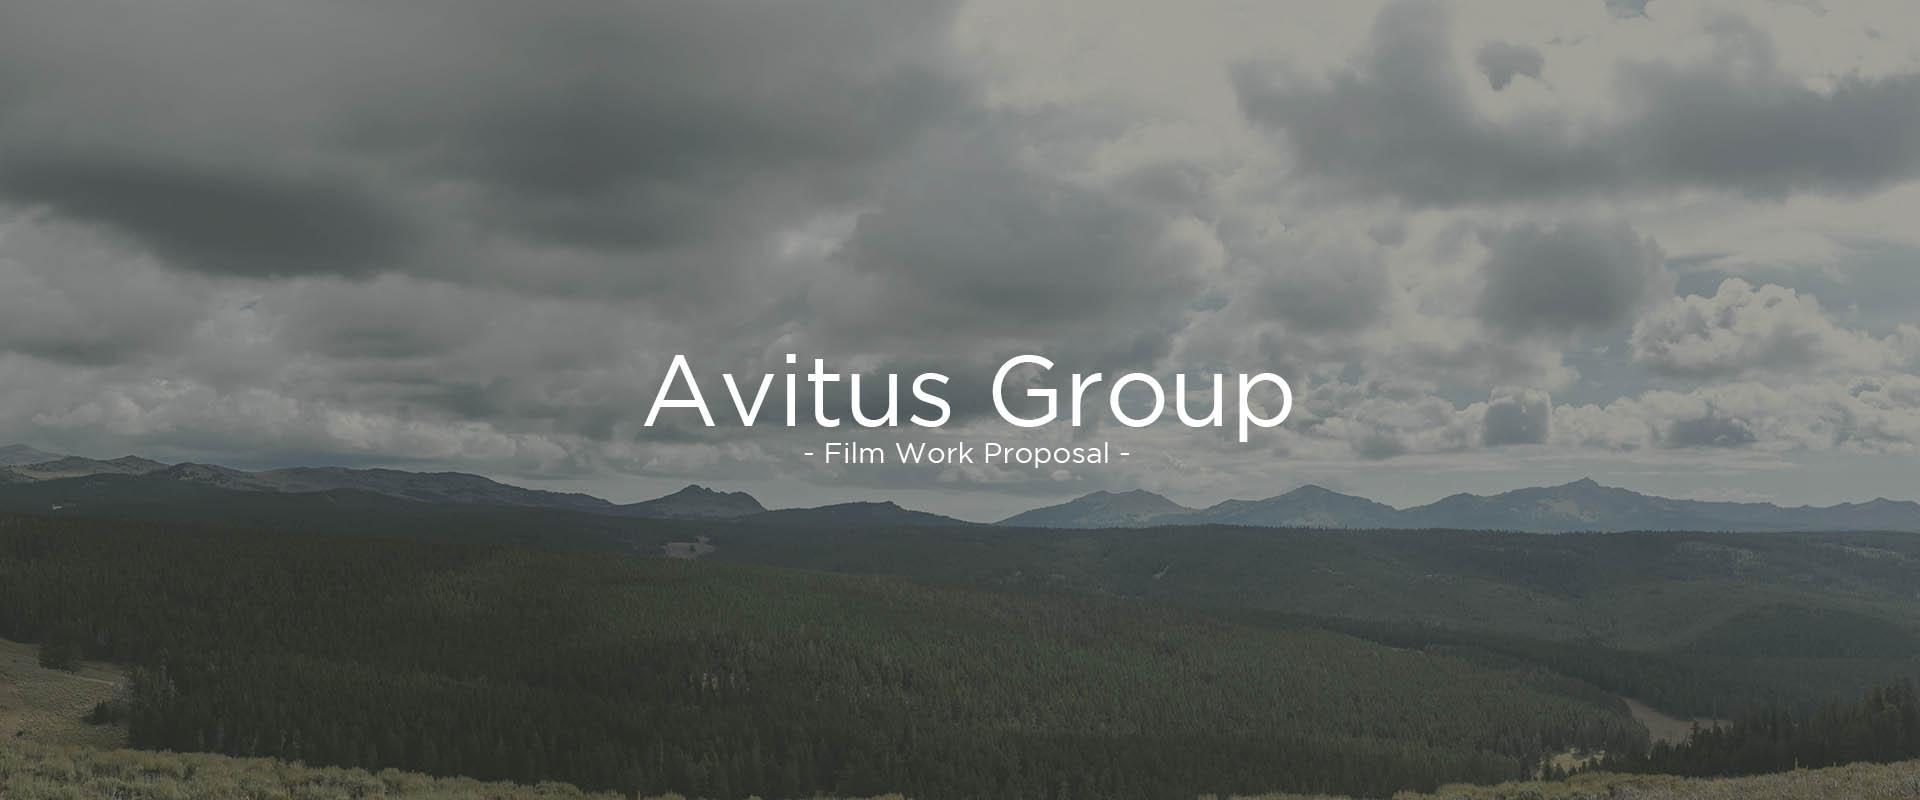 Avitus Group .jpg